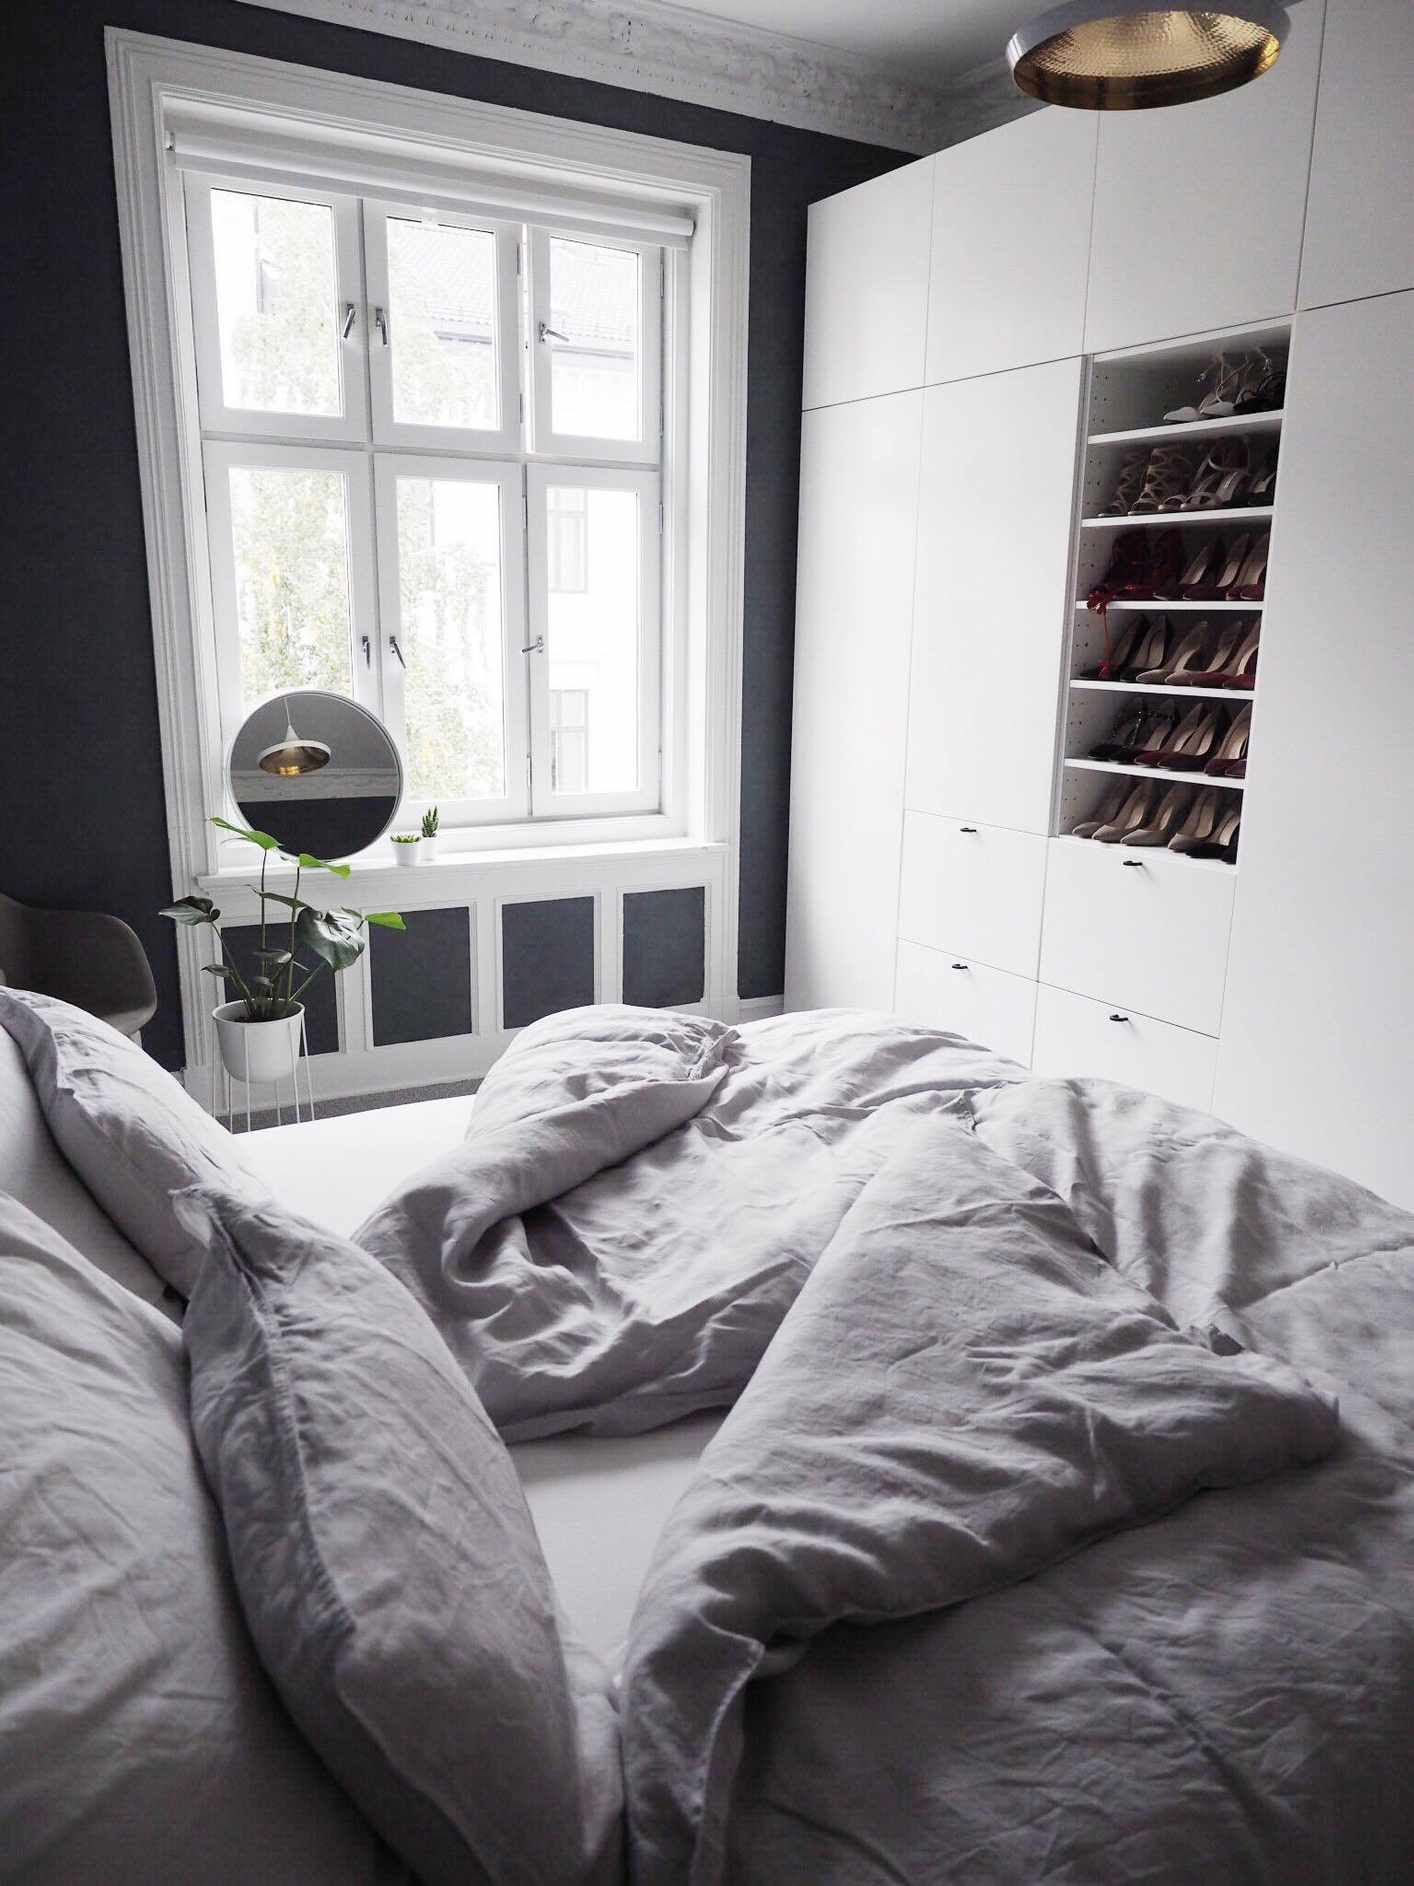 My Bedroom Seng Ikea Sengetoy H M Home Stol Muuto Speil Hay Blomsterkrukke Menu Lampe Tom Dixon Na Begynner Det A Lign Hovedsoverom Seng Ikea Seng